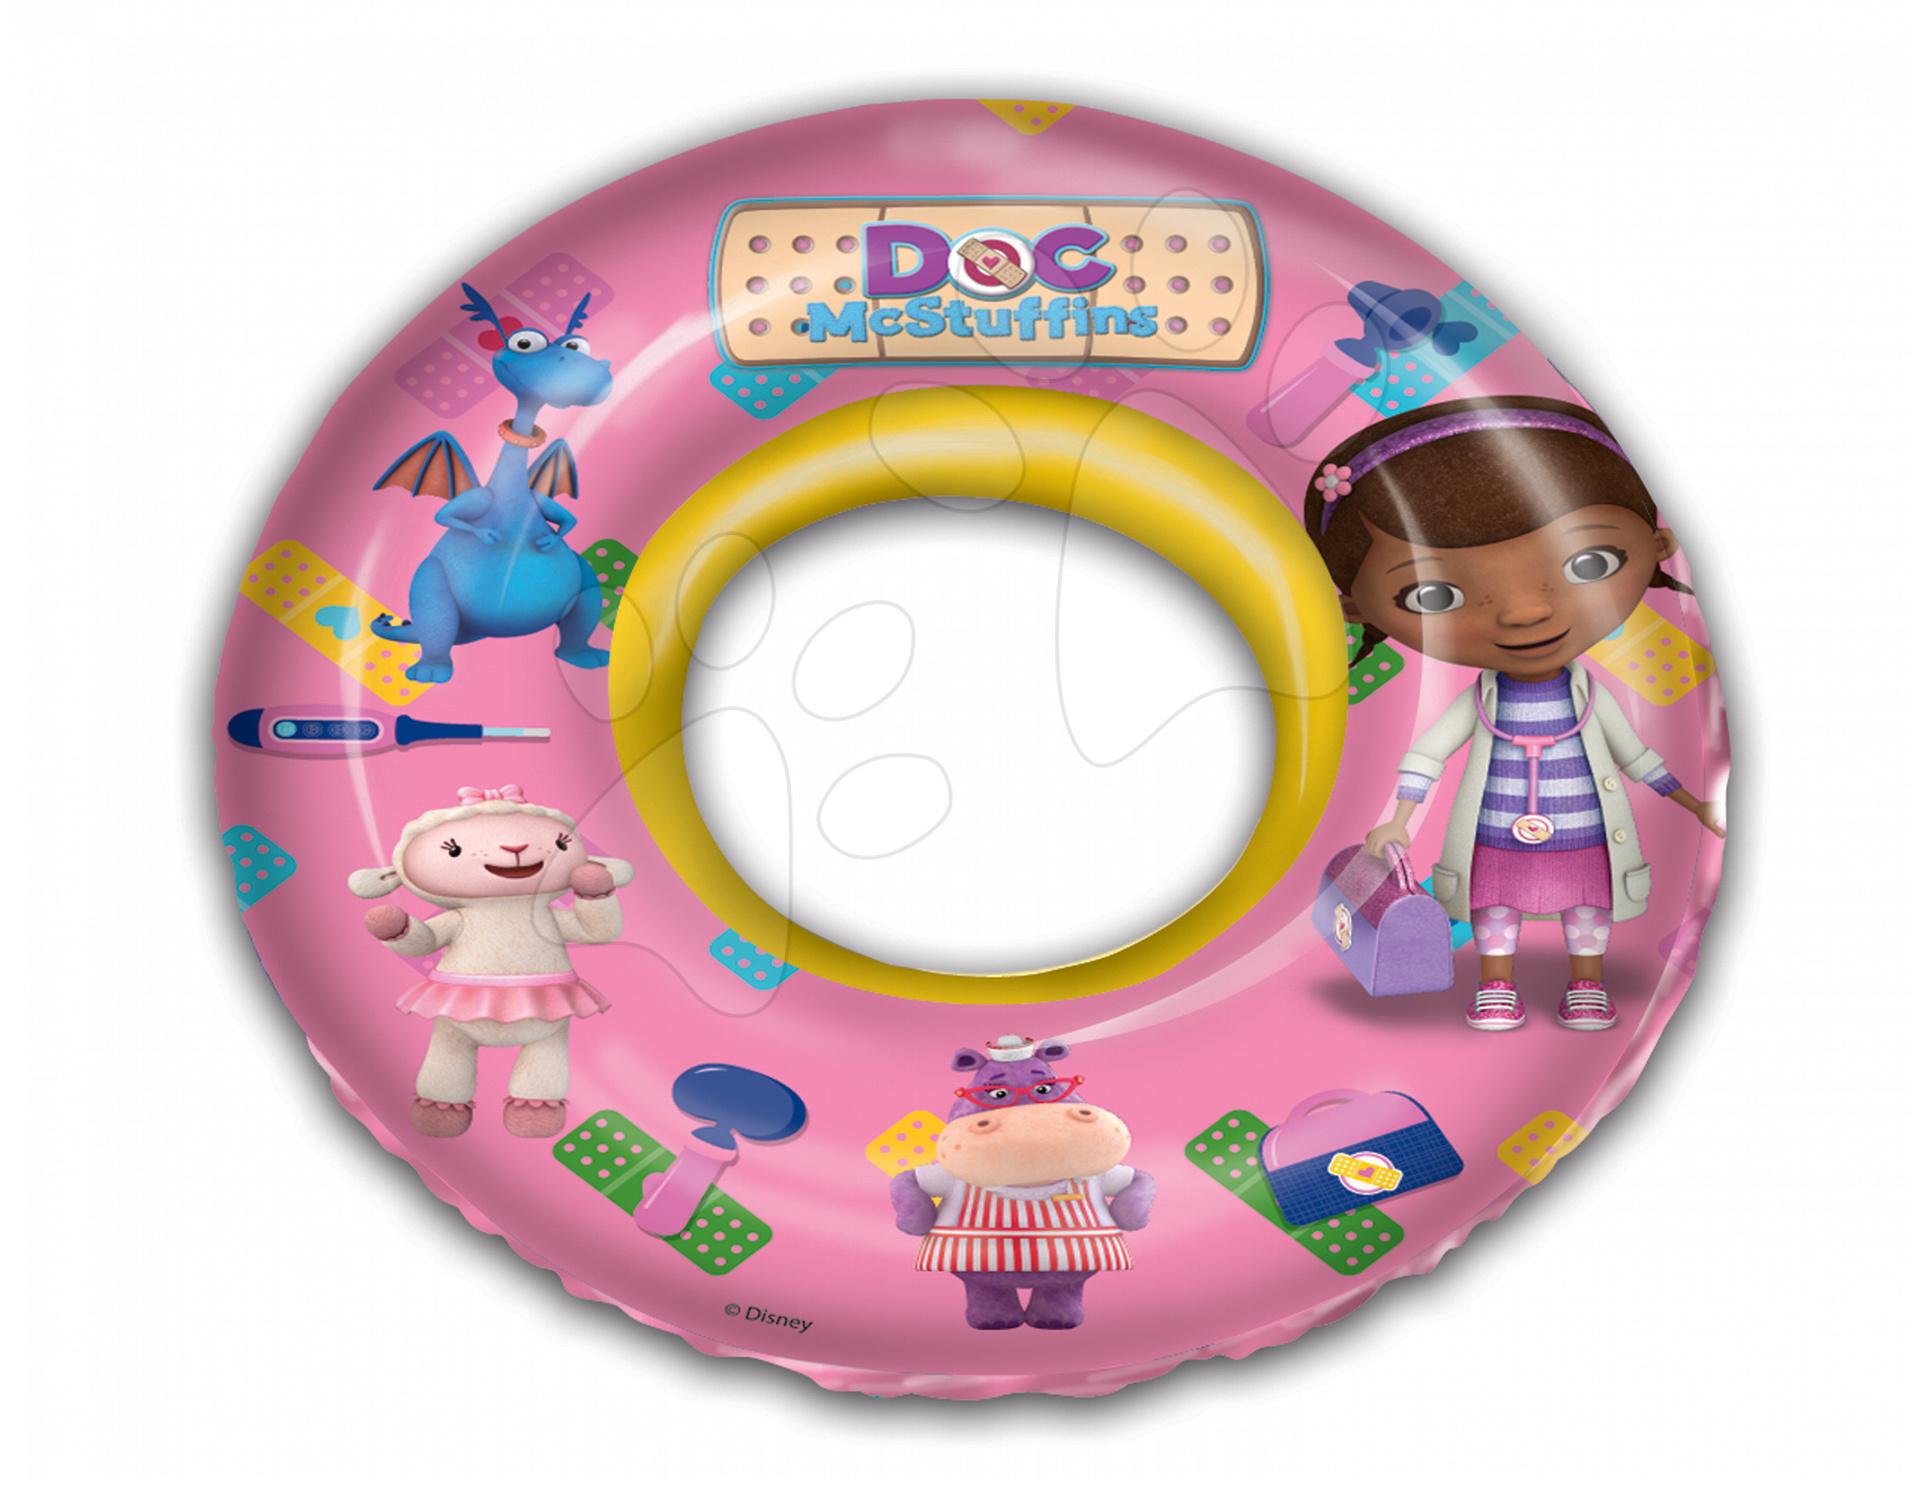 Dětské nafukovací kolo na plavání Doktorka McStuffins Mondo 50 cm od 10 měsíců